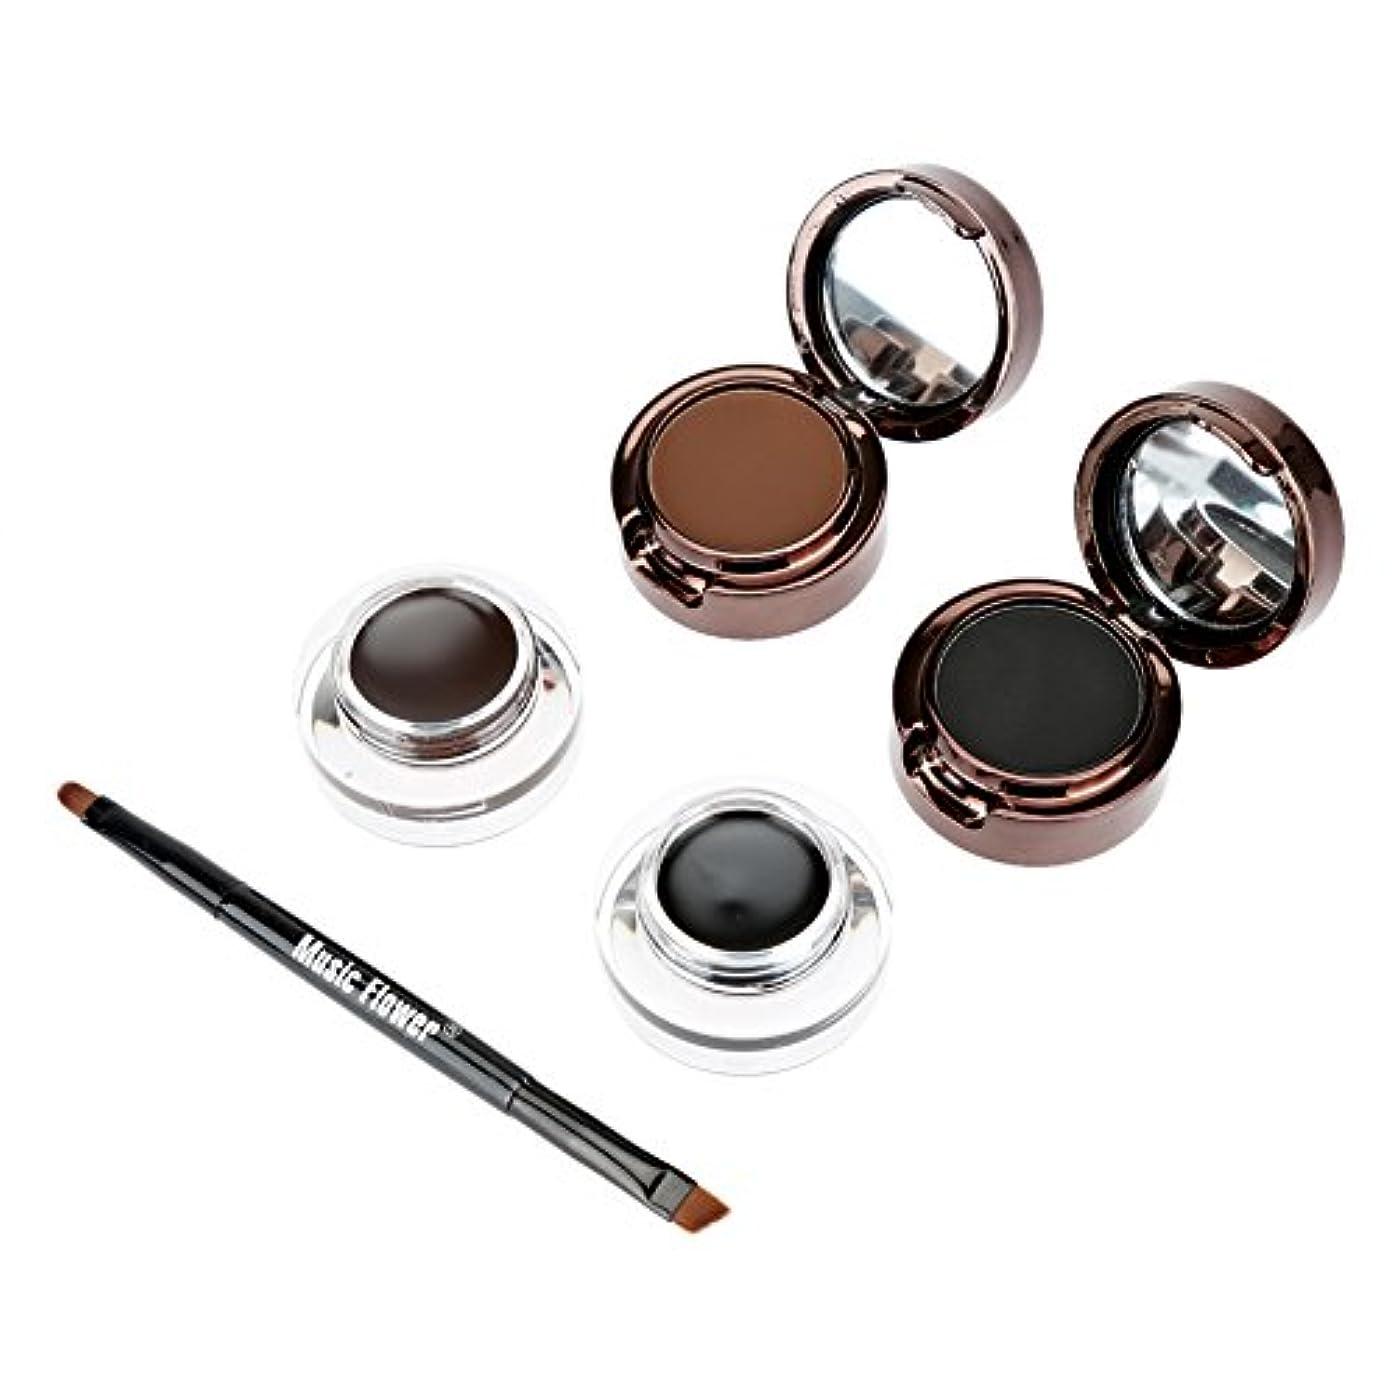 中国規範石のDecdeal 4in1 アイブロー&アイライナー アイクリーム アイケア用 防水化粧品セット ブラック&ブラウン